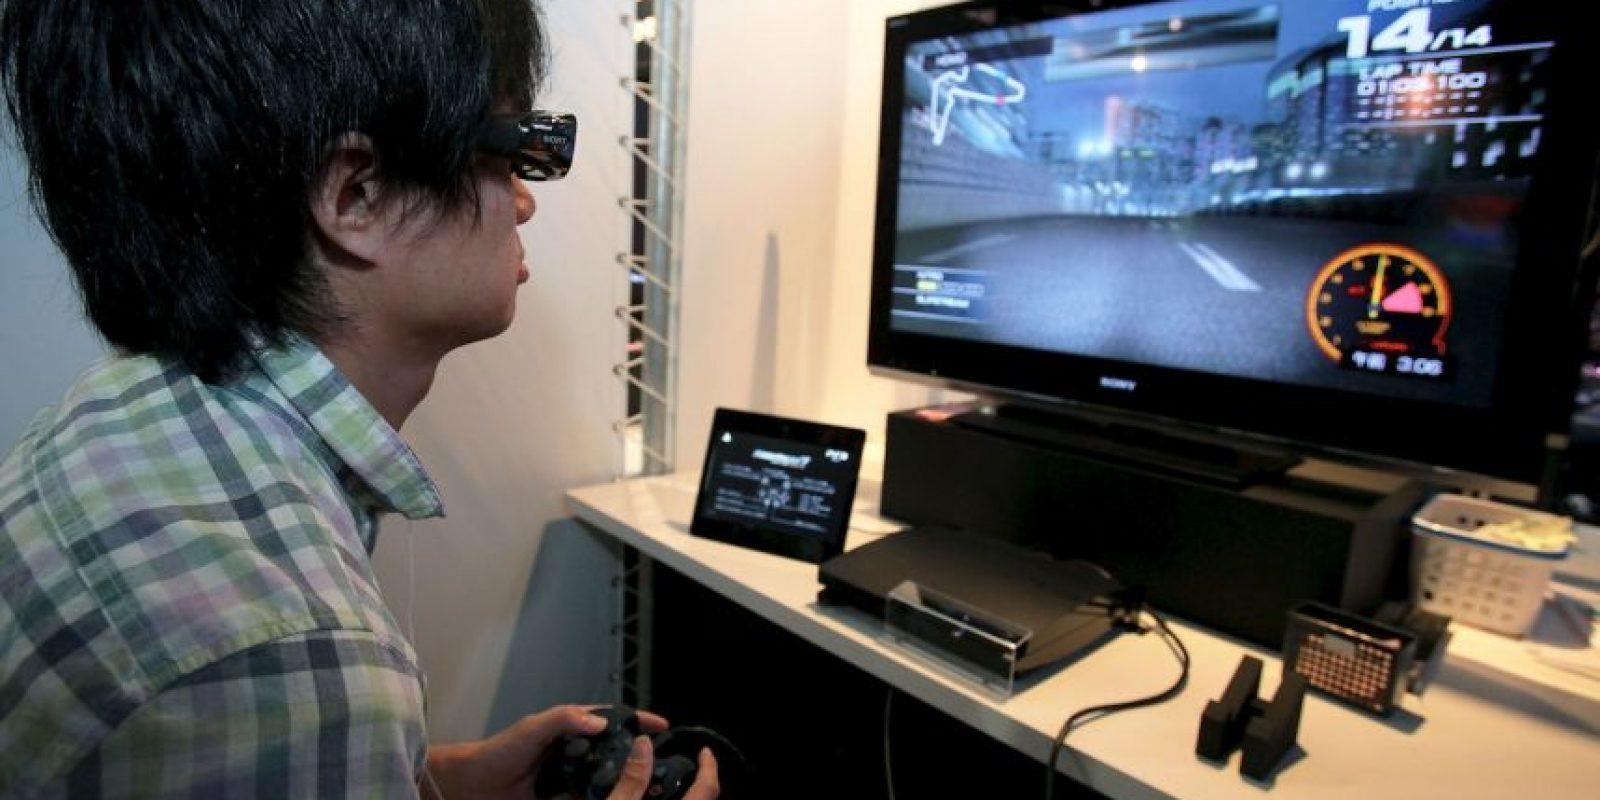 En este caso, la adicción a los videojuegos significa una fuerte dependencia hacia los mismos que se caracteriza por ser una actividad que ocupa demasiado tiempo en la vida de los adolescentes Foto:Getty Images